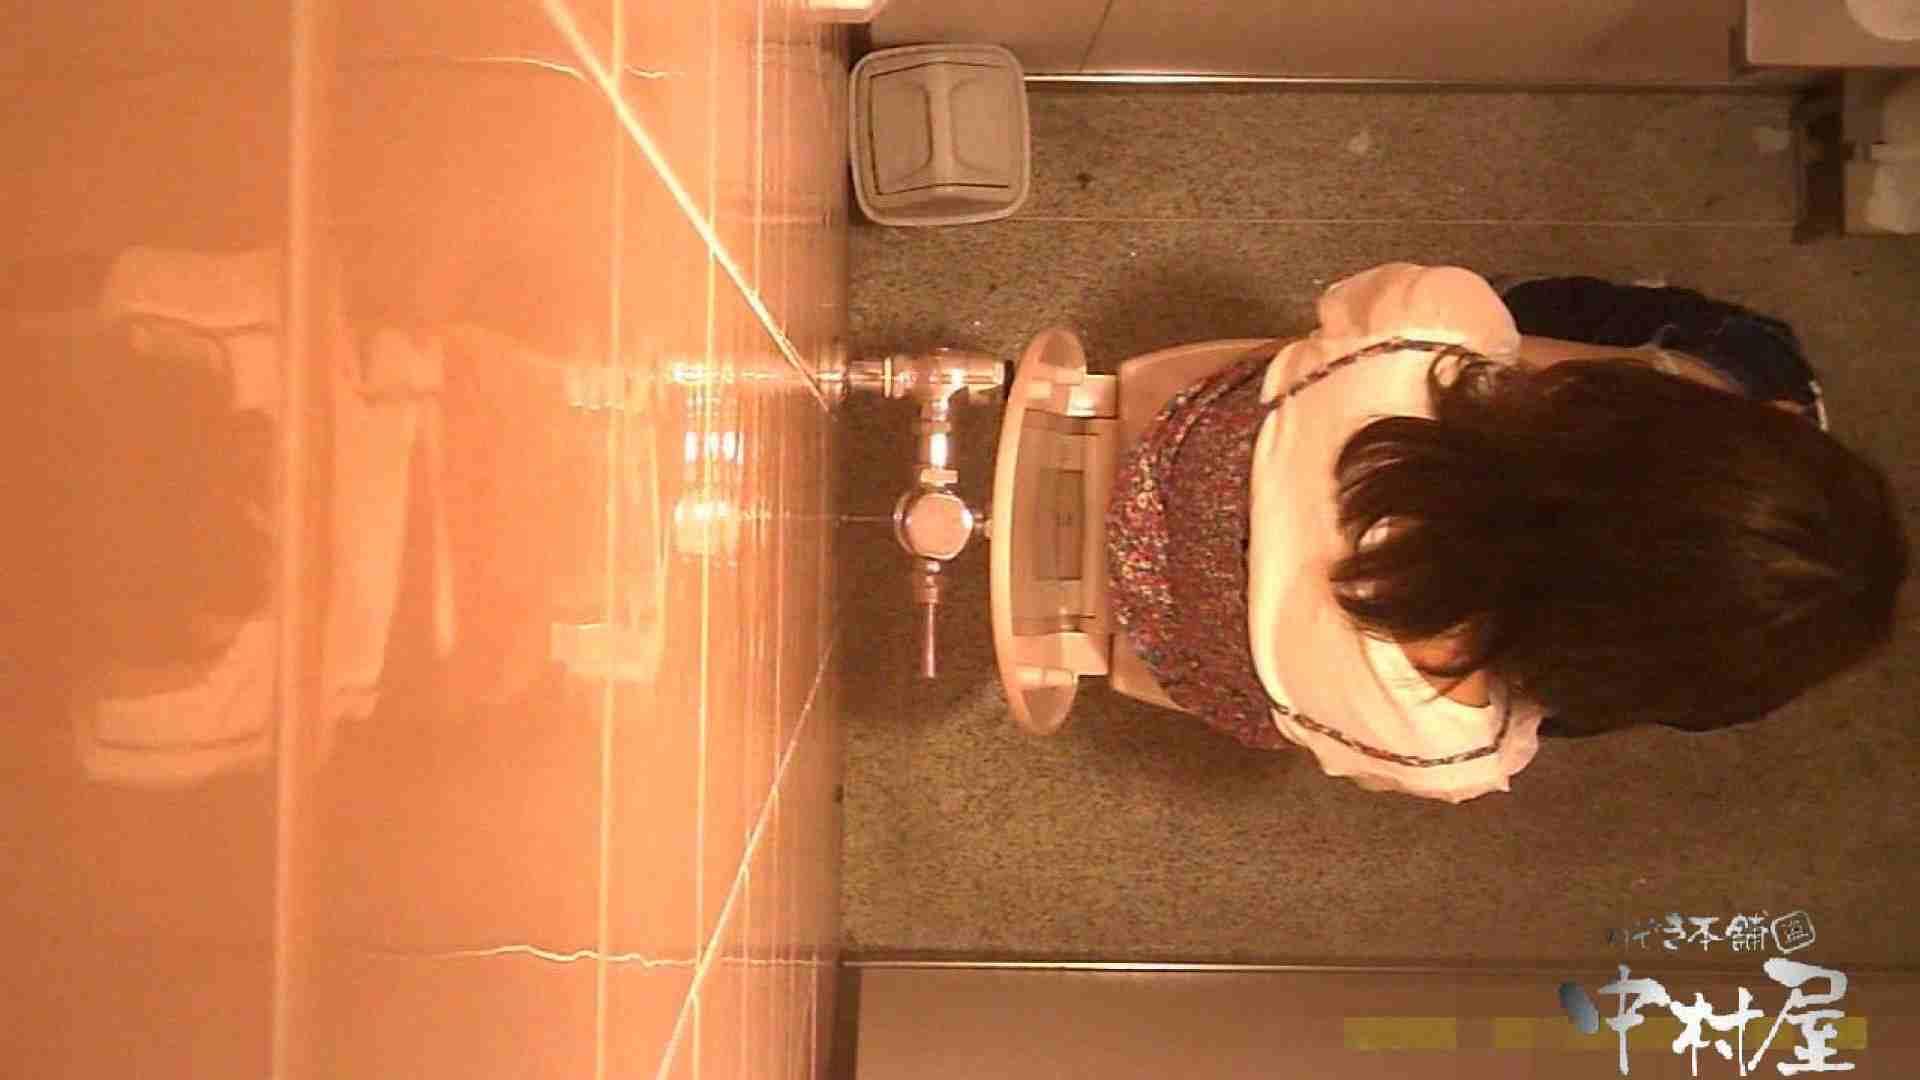 初盗撮!女盗撮師カレンさんの 潜入!女子トイレ盗撮!Vol.2 女子トイレ編 アダルト動画キャプチャ 101PIX 34